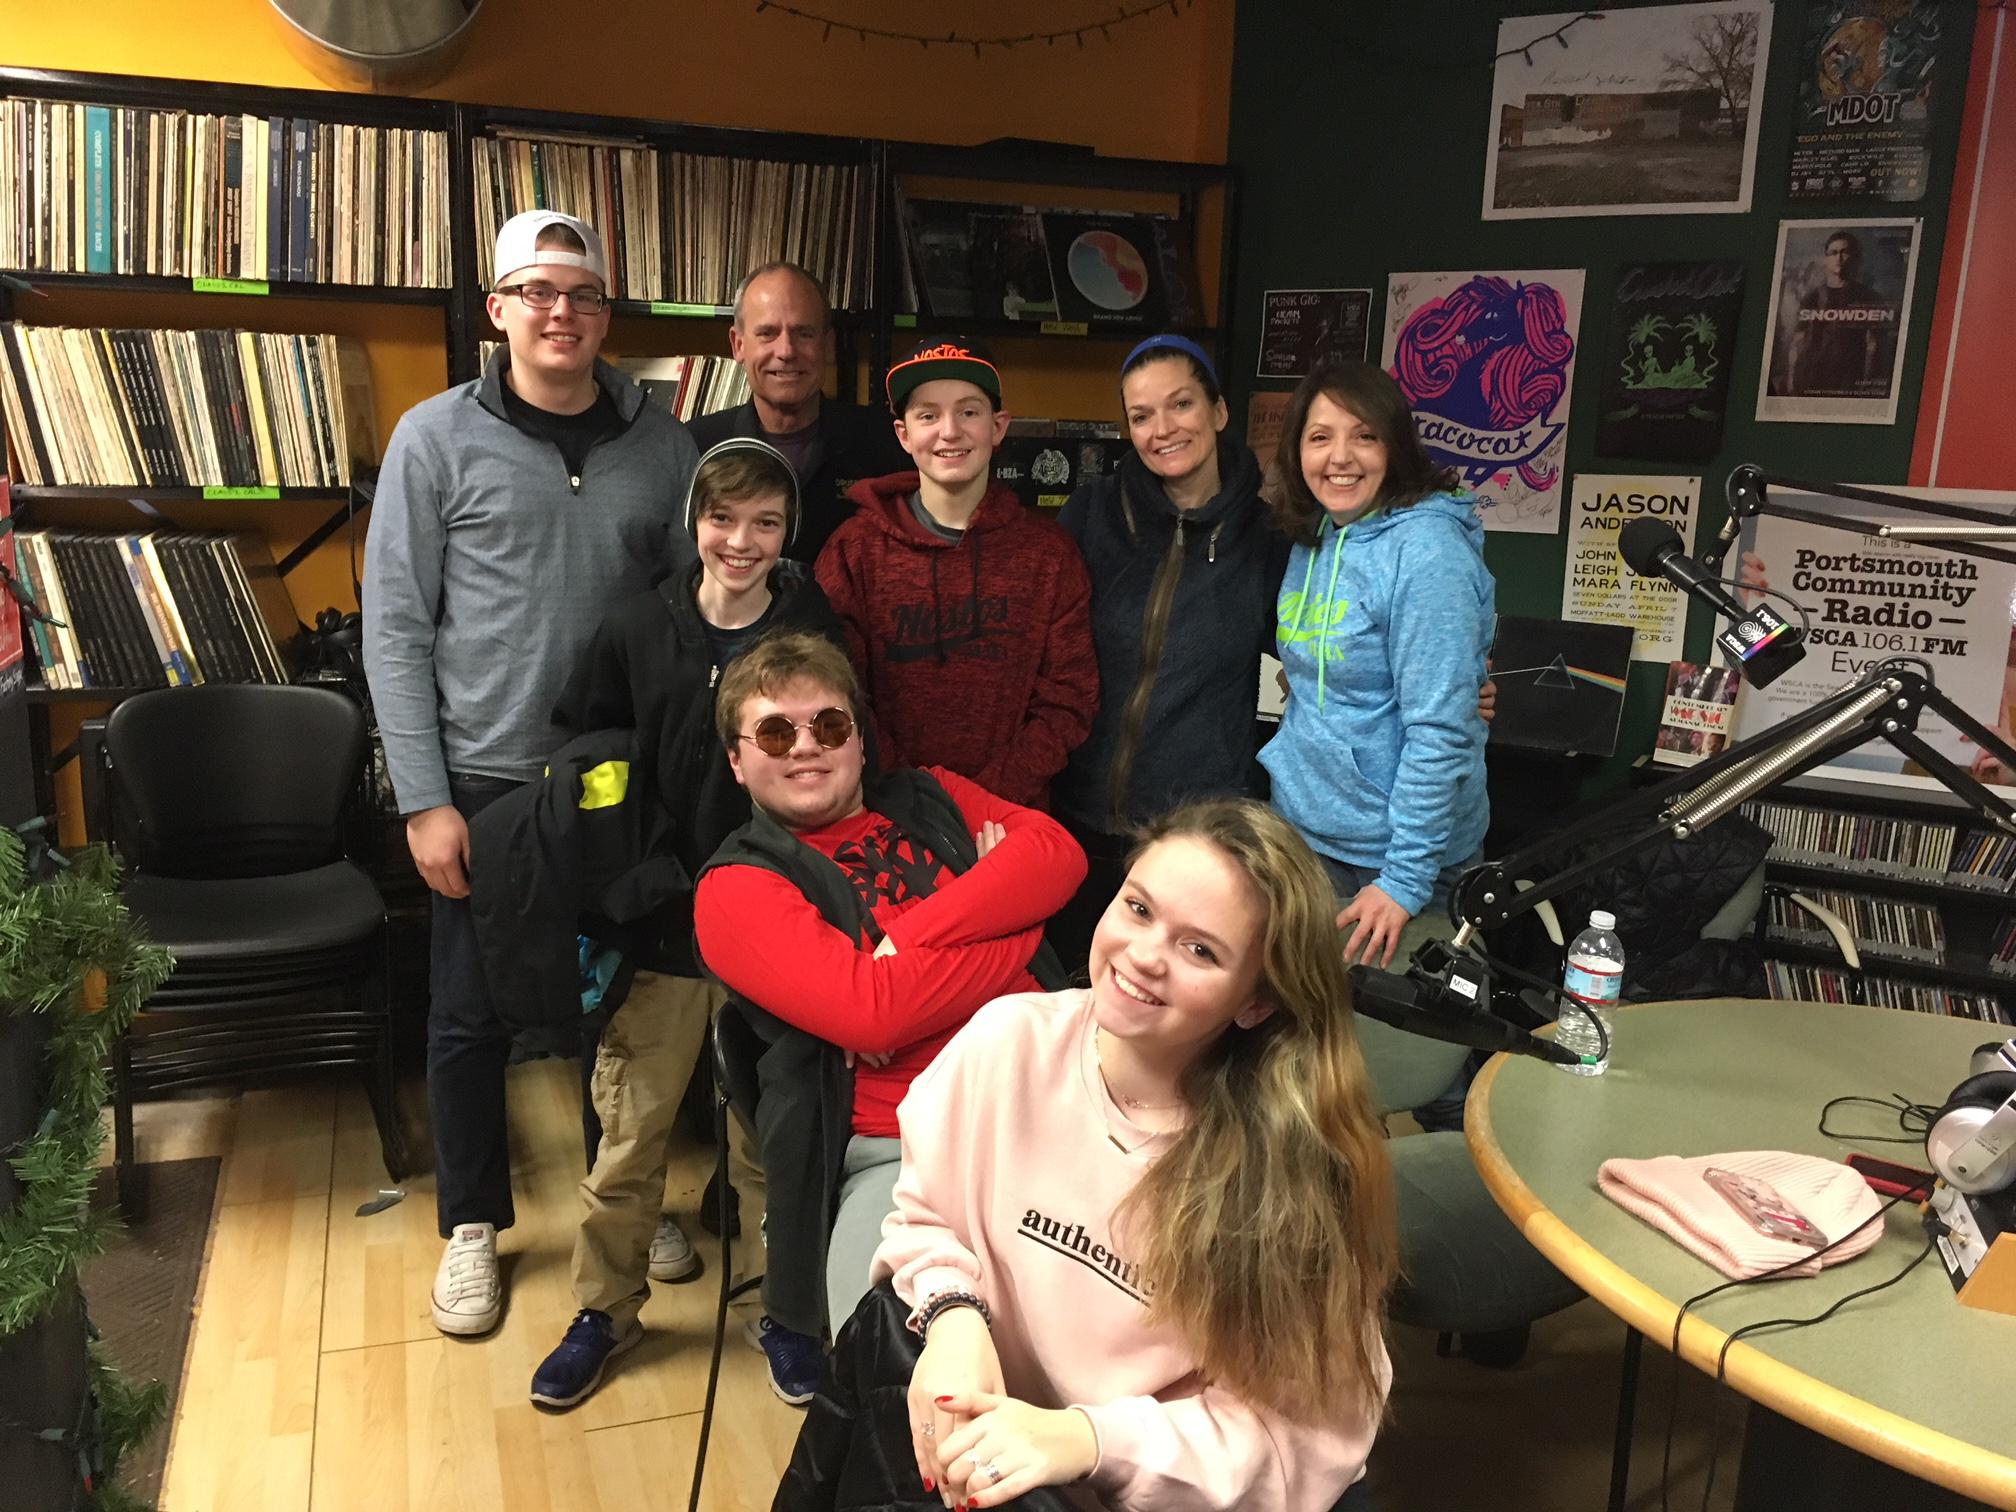 Cast of JTR in studio